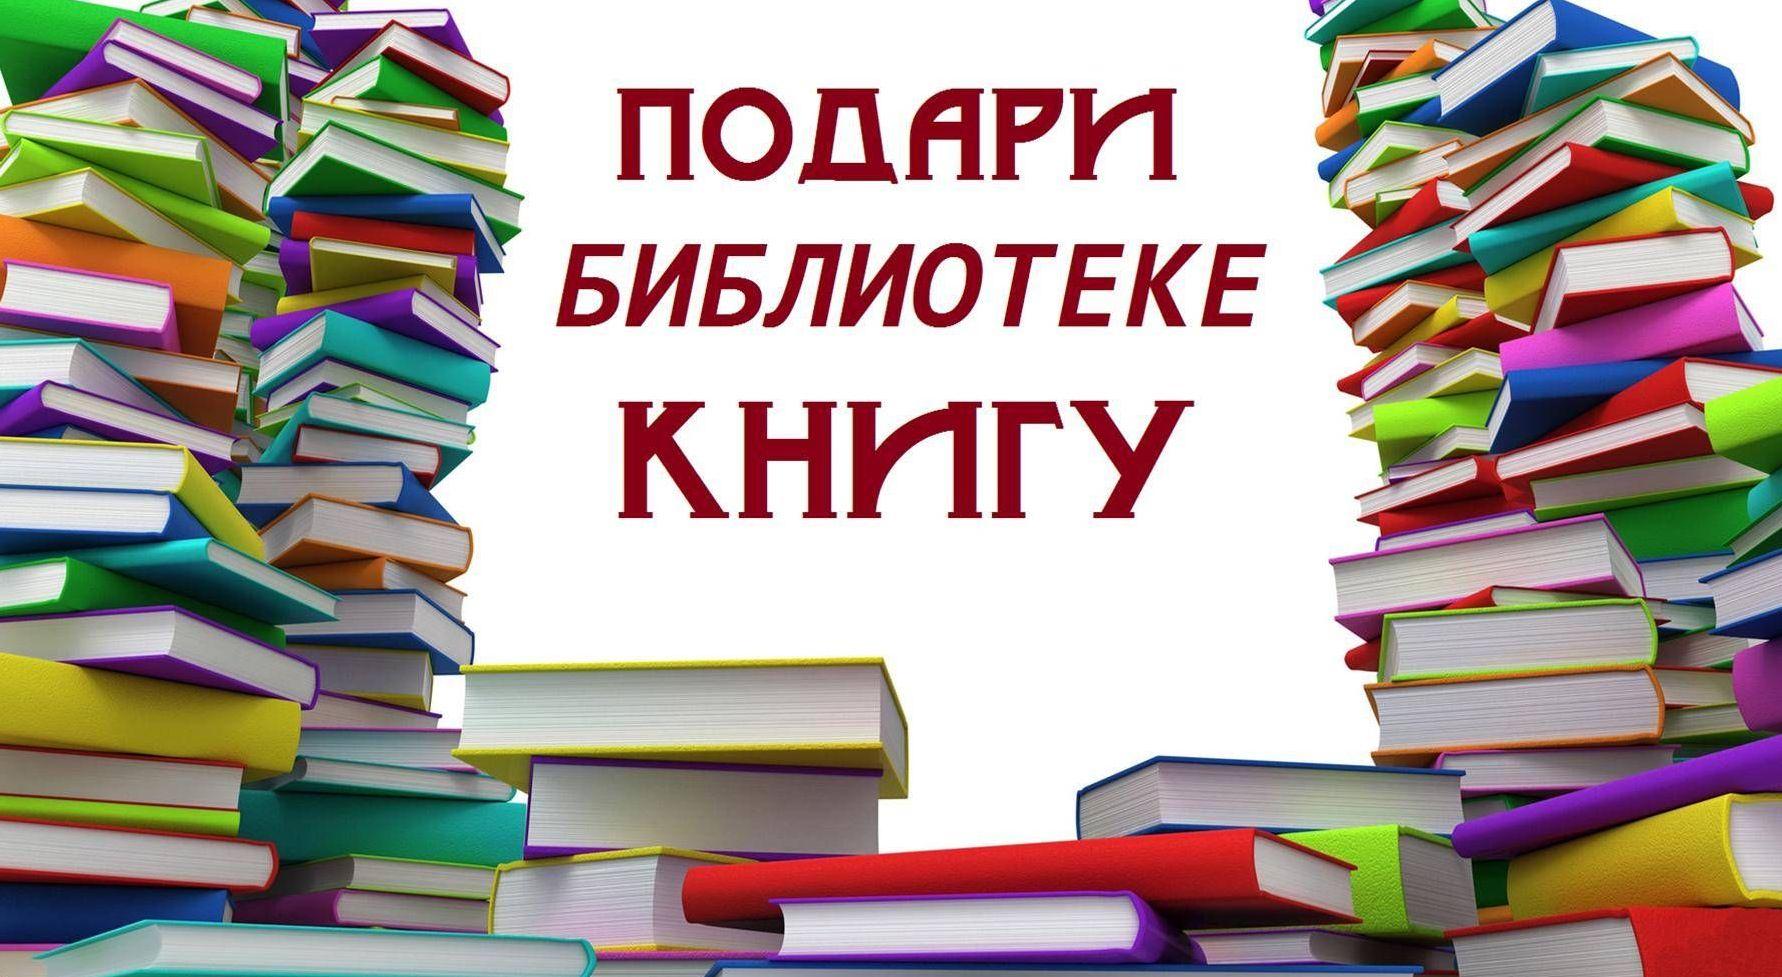 Акция дарения «Новые книги для библиотек»